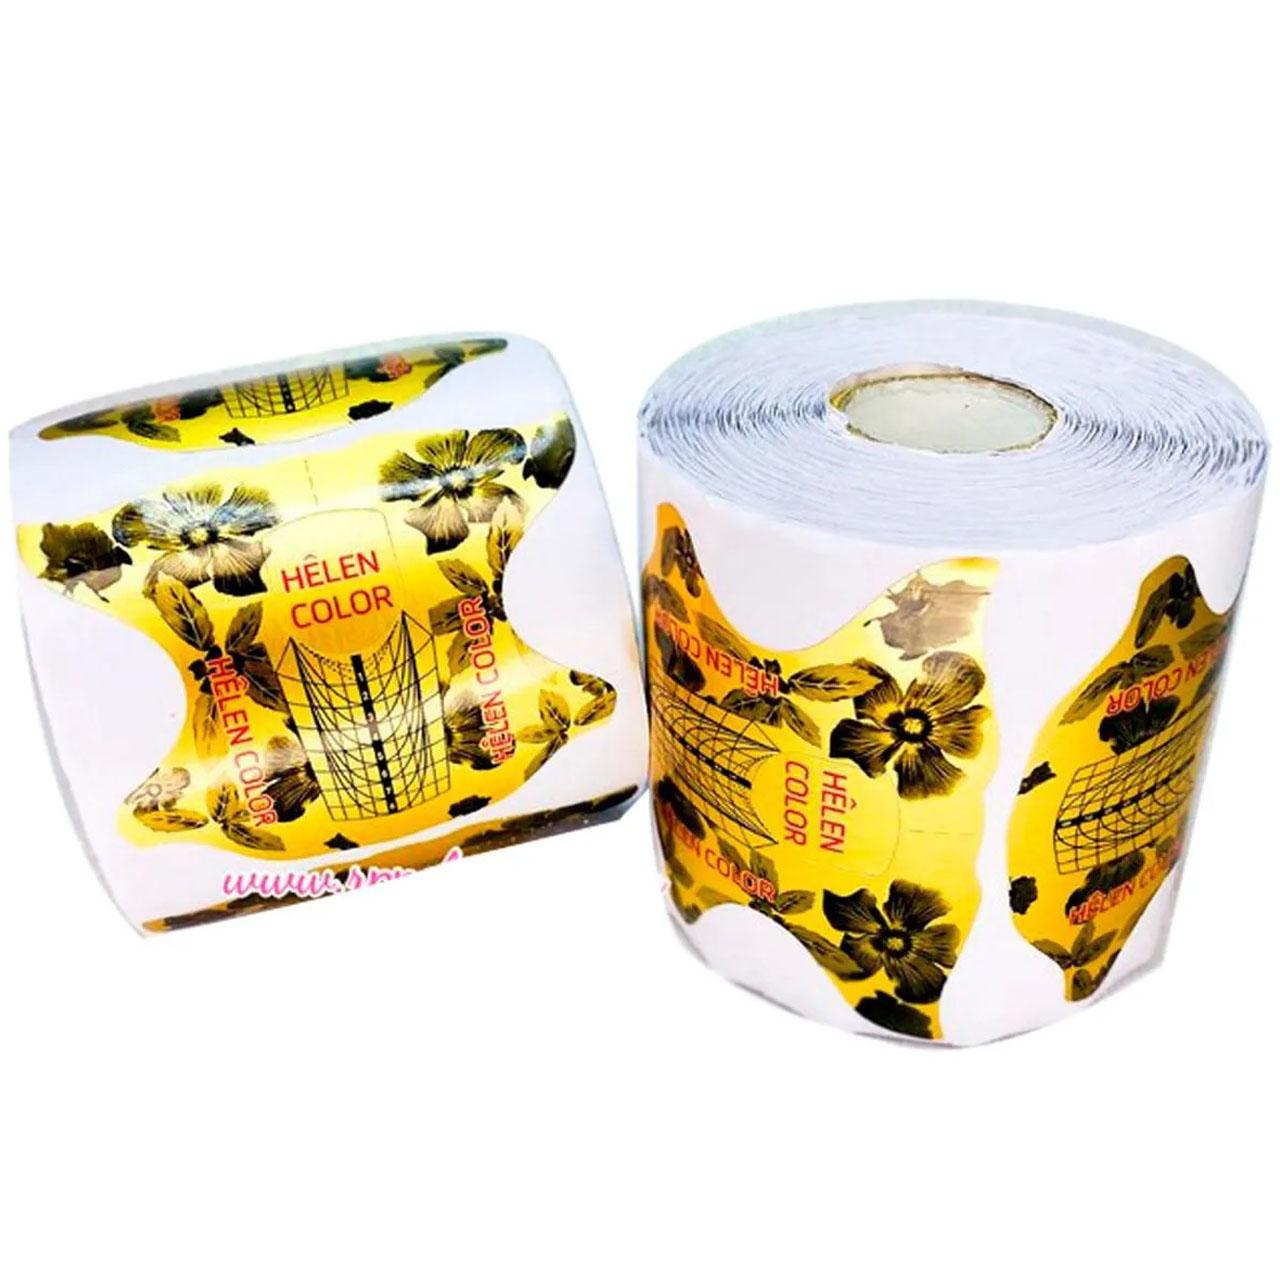 Molde Helen Color Dourado com flores - 300 uni